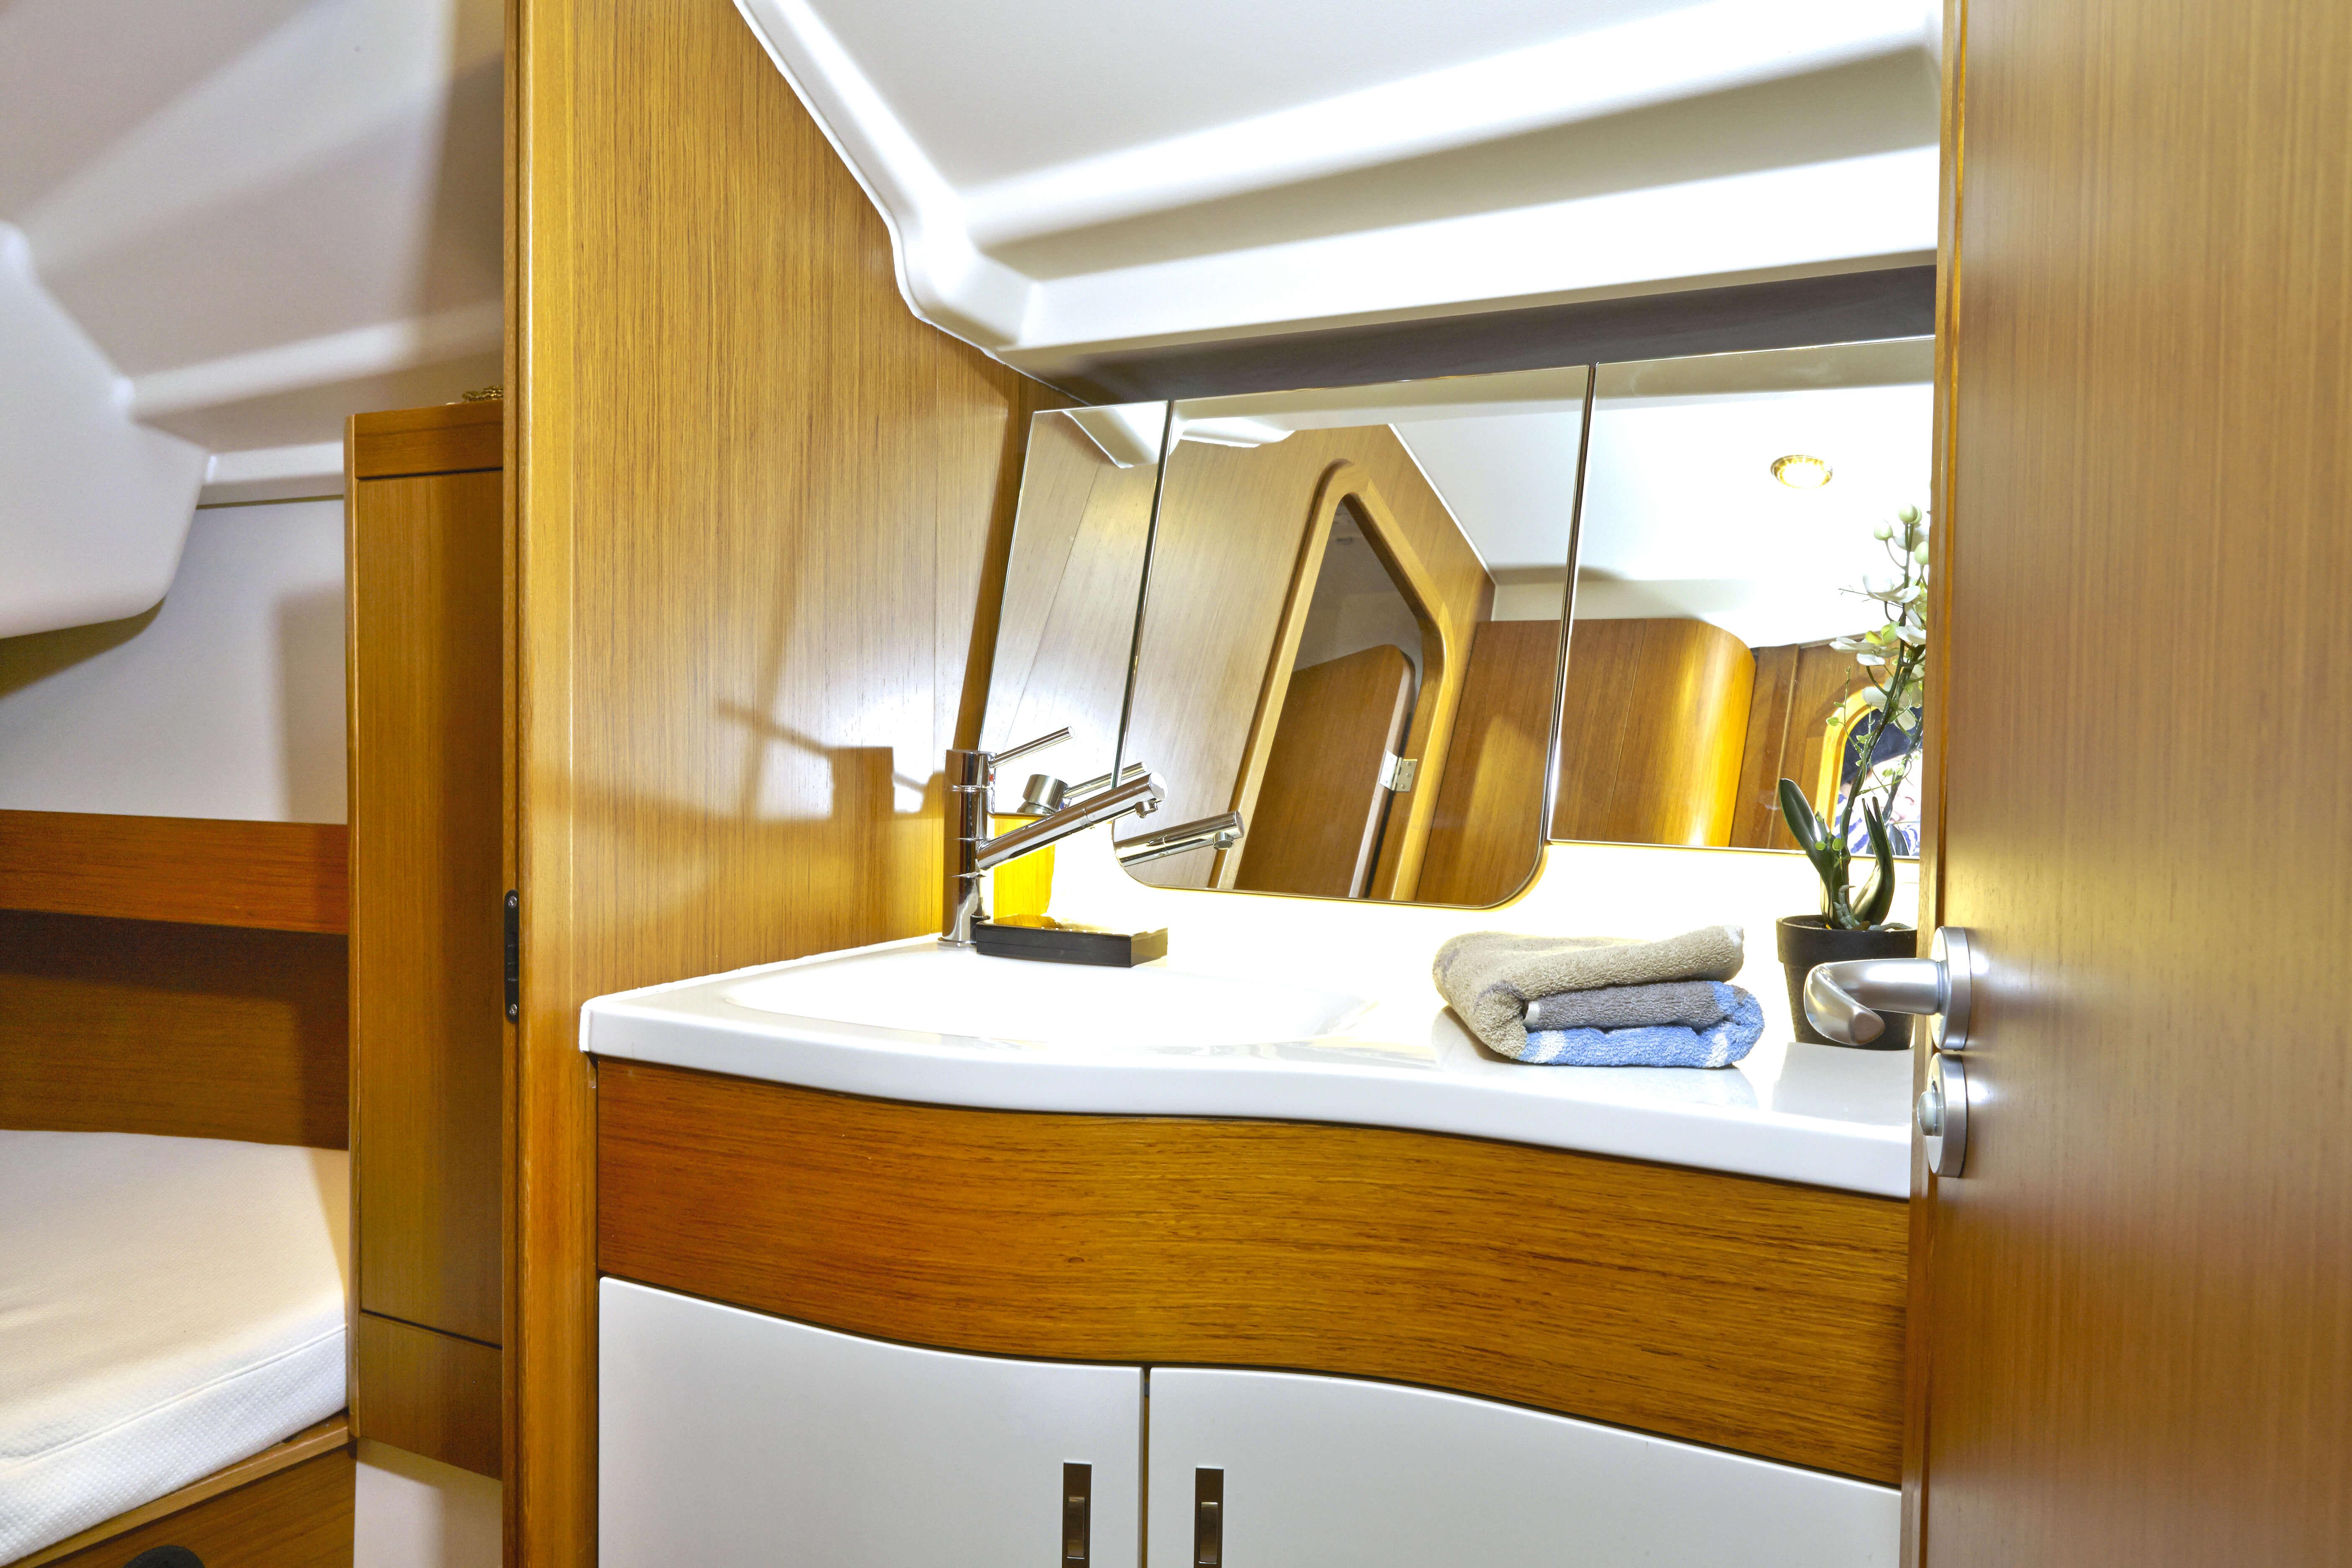 Dehler 38 Vista interior celula mojada | fregadero, espejo | Dehler